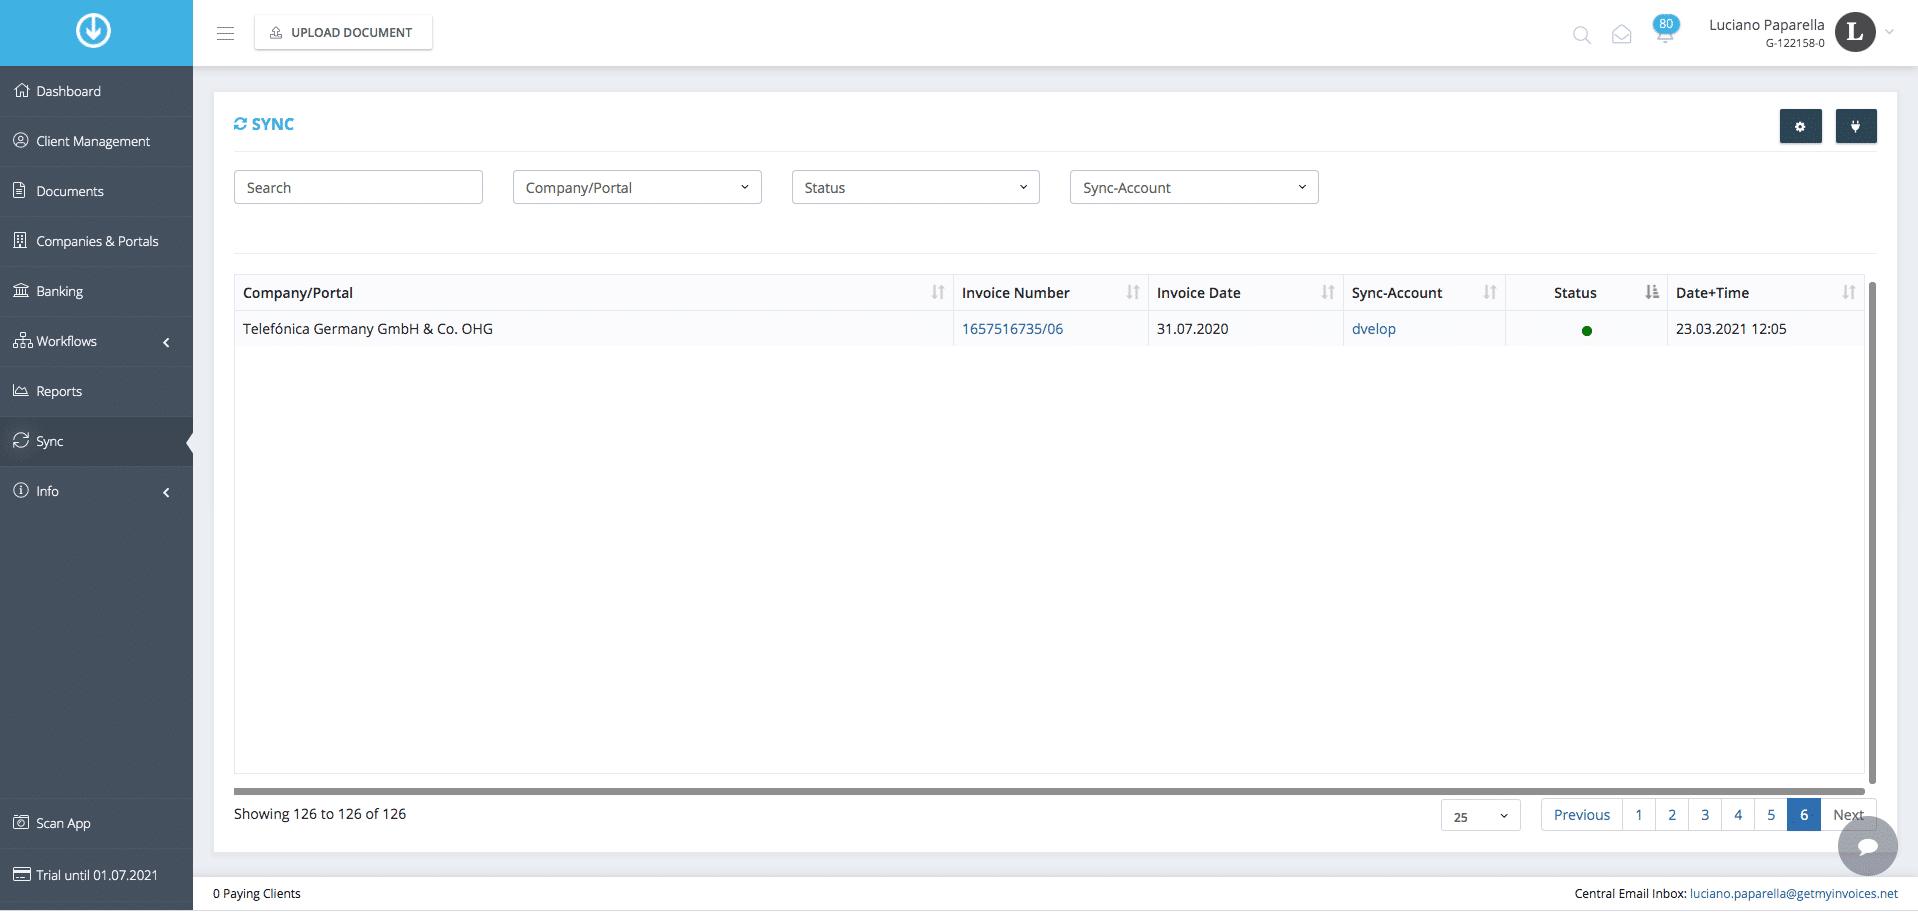 3. Exportation de documents : Intégration terminée